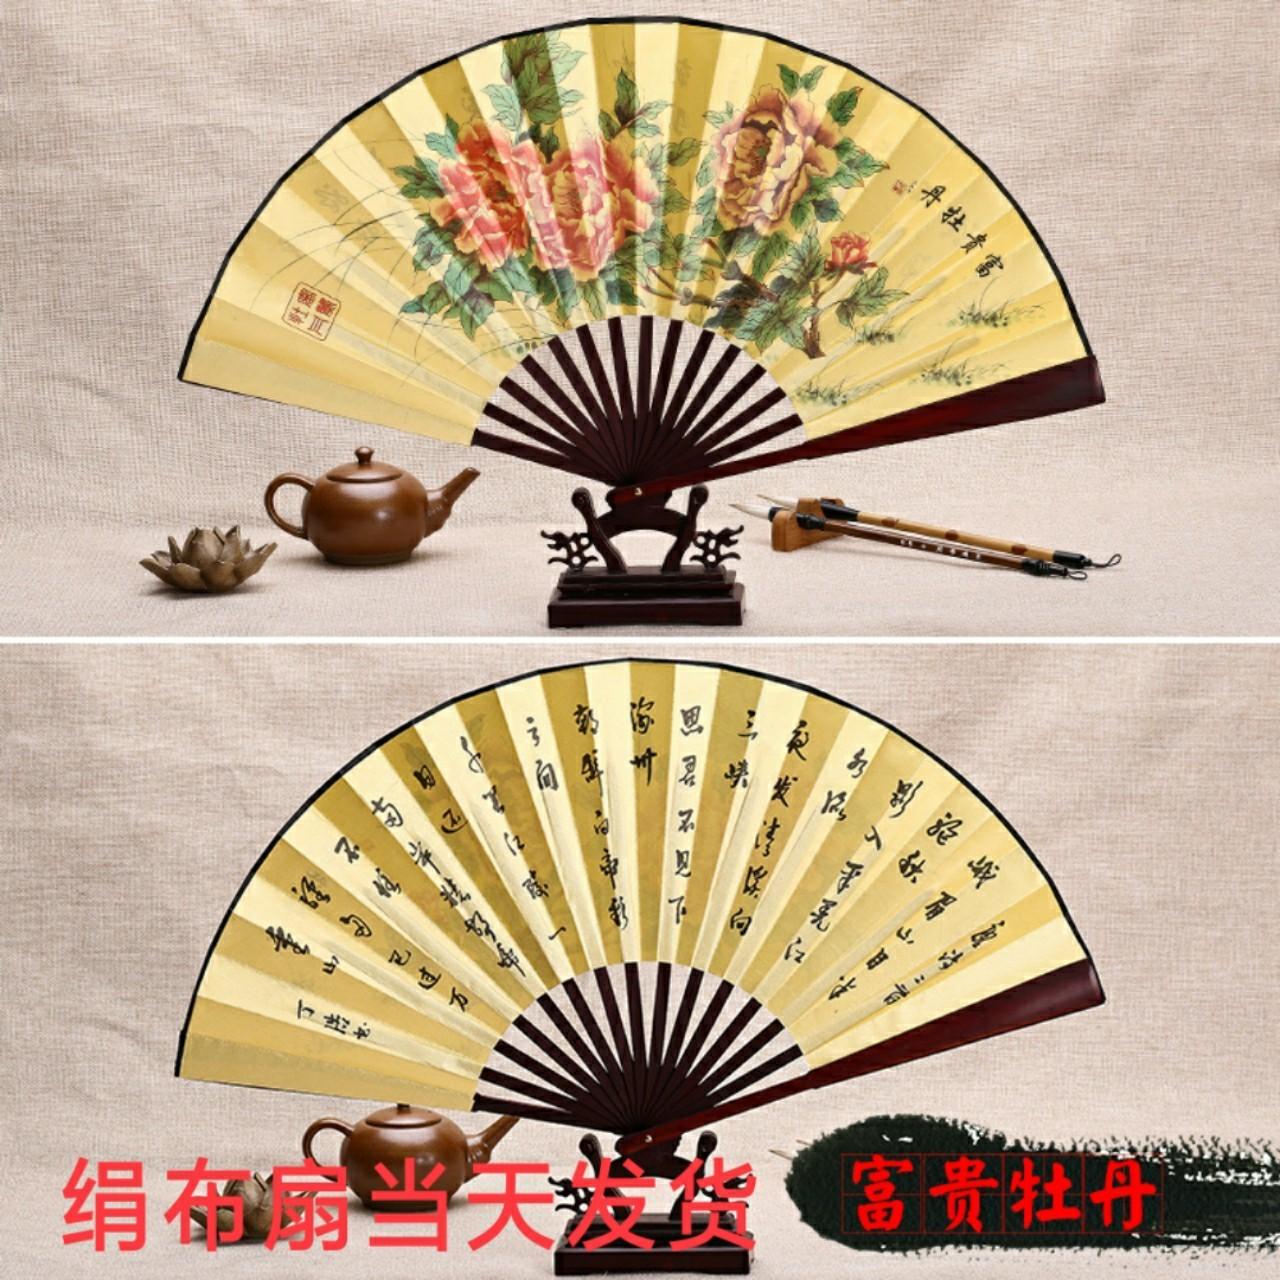 中国风10寸金色金面扇子戏曲京剧贵妃醉酒男式舞蹈折扇牡丹图手绘